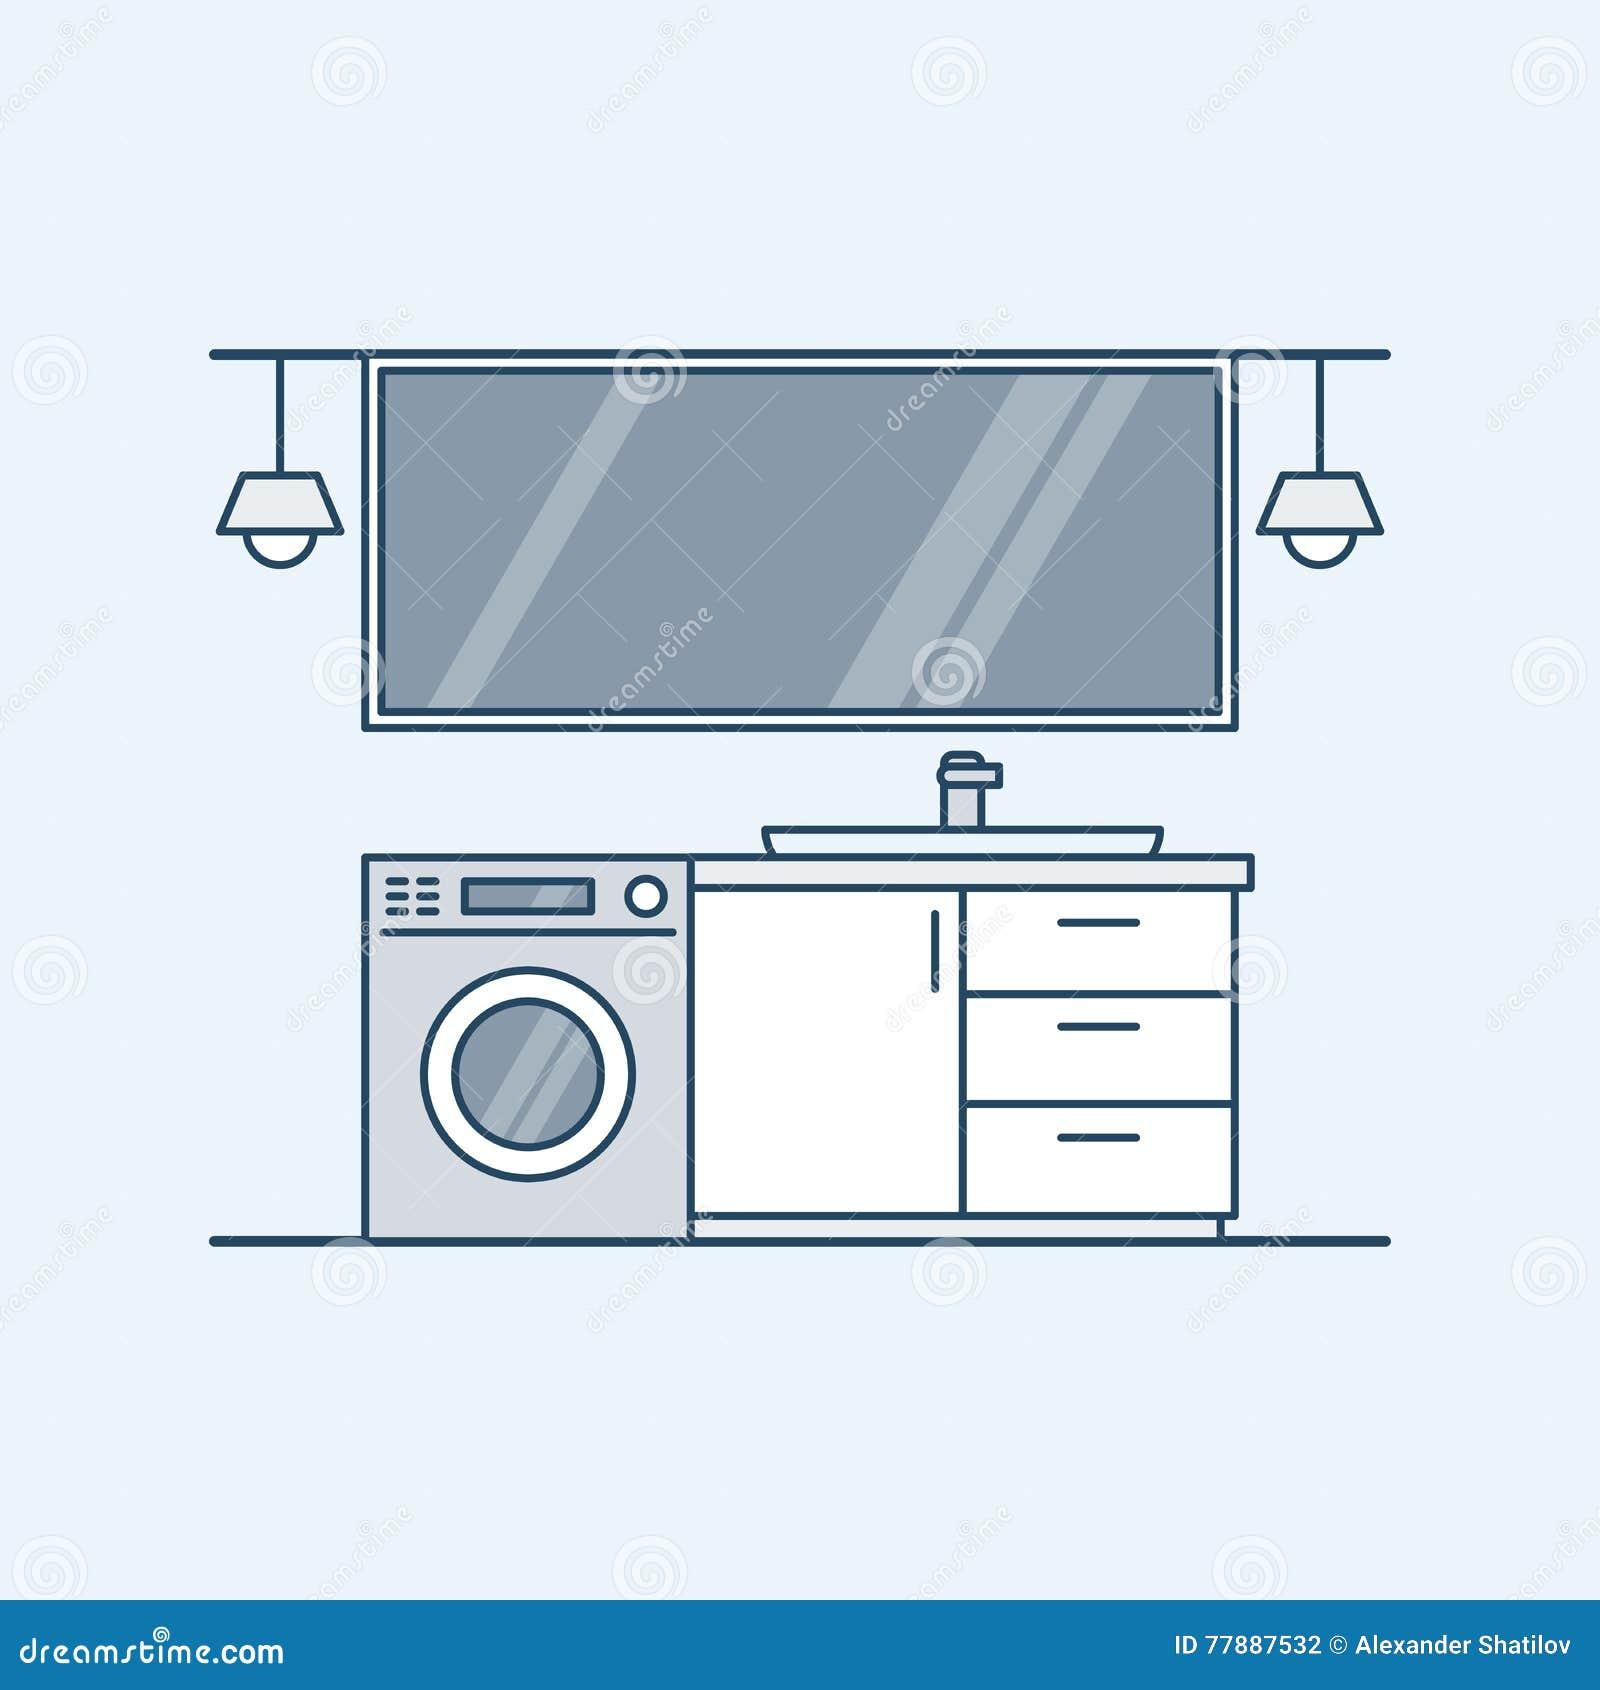 Moderner innenraum eines badezimmers mit waschmaschine und wanne ein großer spiegel und lampen vektorillustration in einem